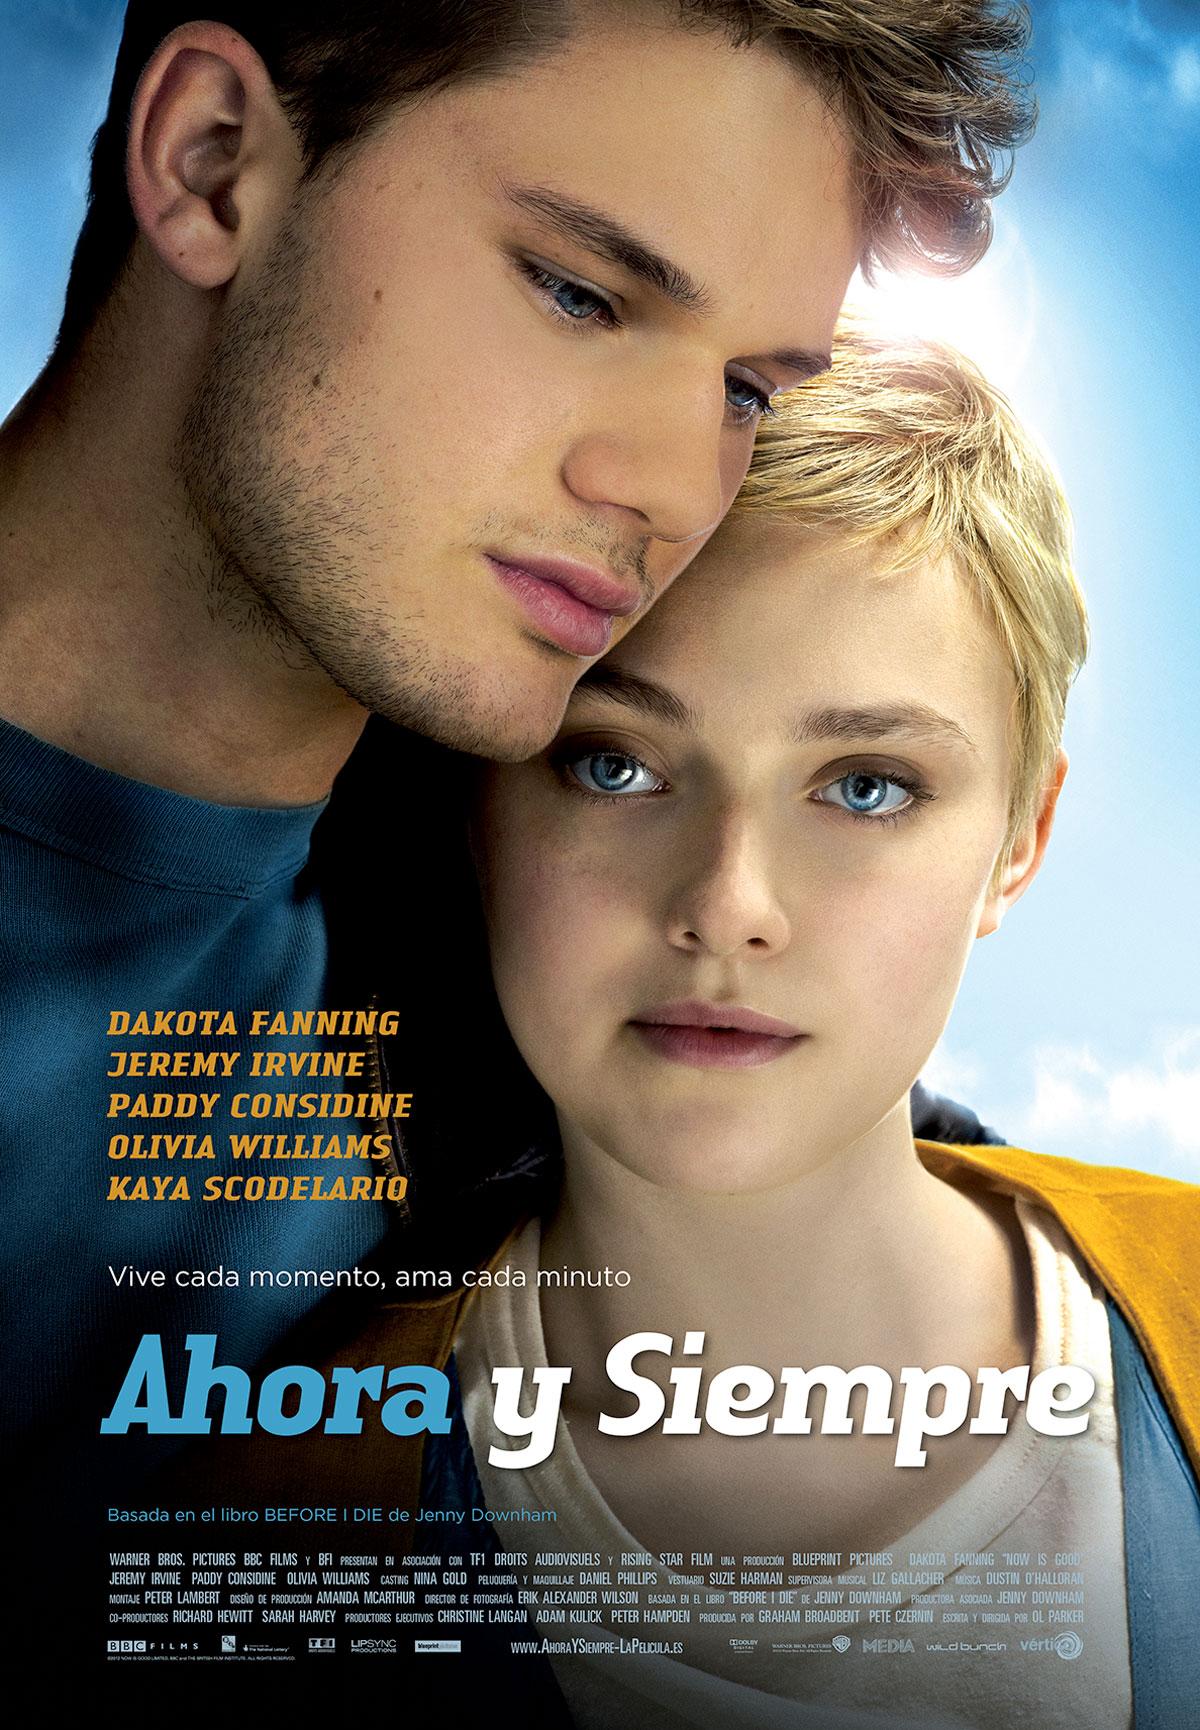 57009ee7cf Ahora y siempre - Película 2012 - SensaCine.com